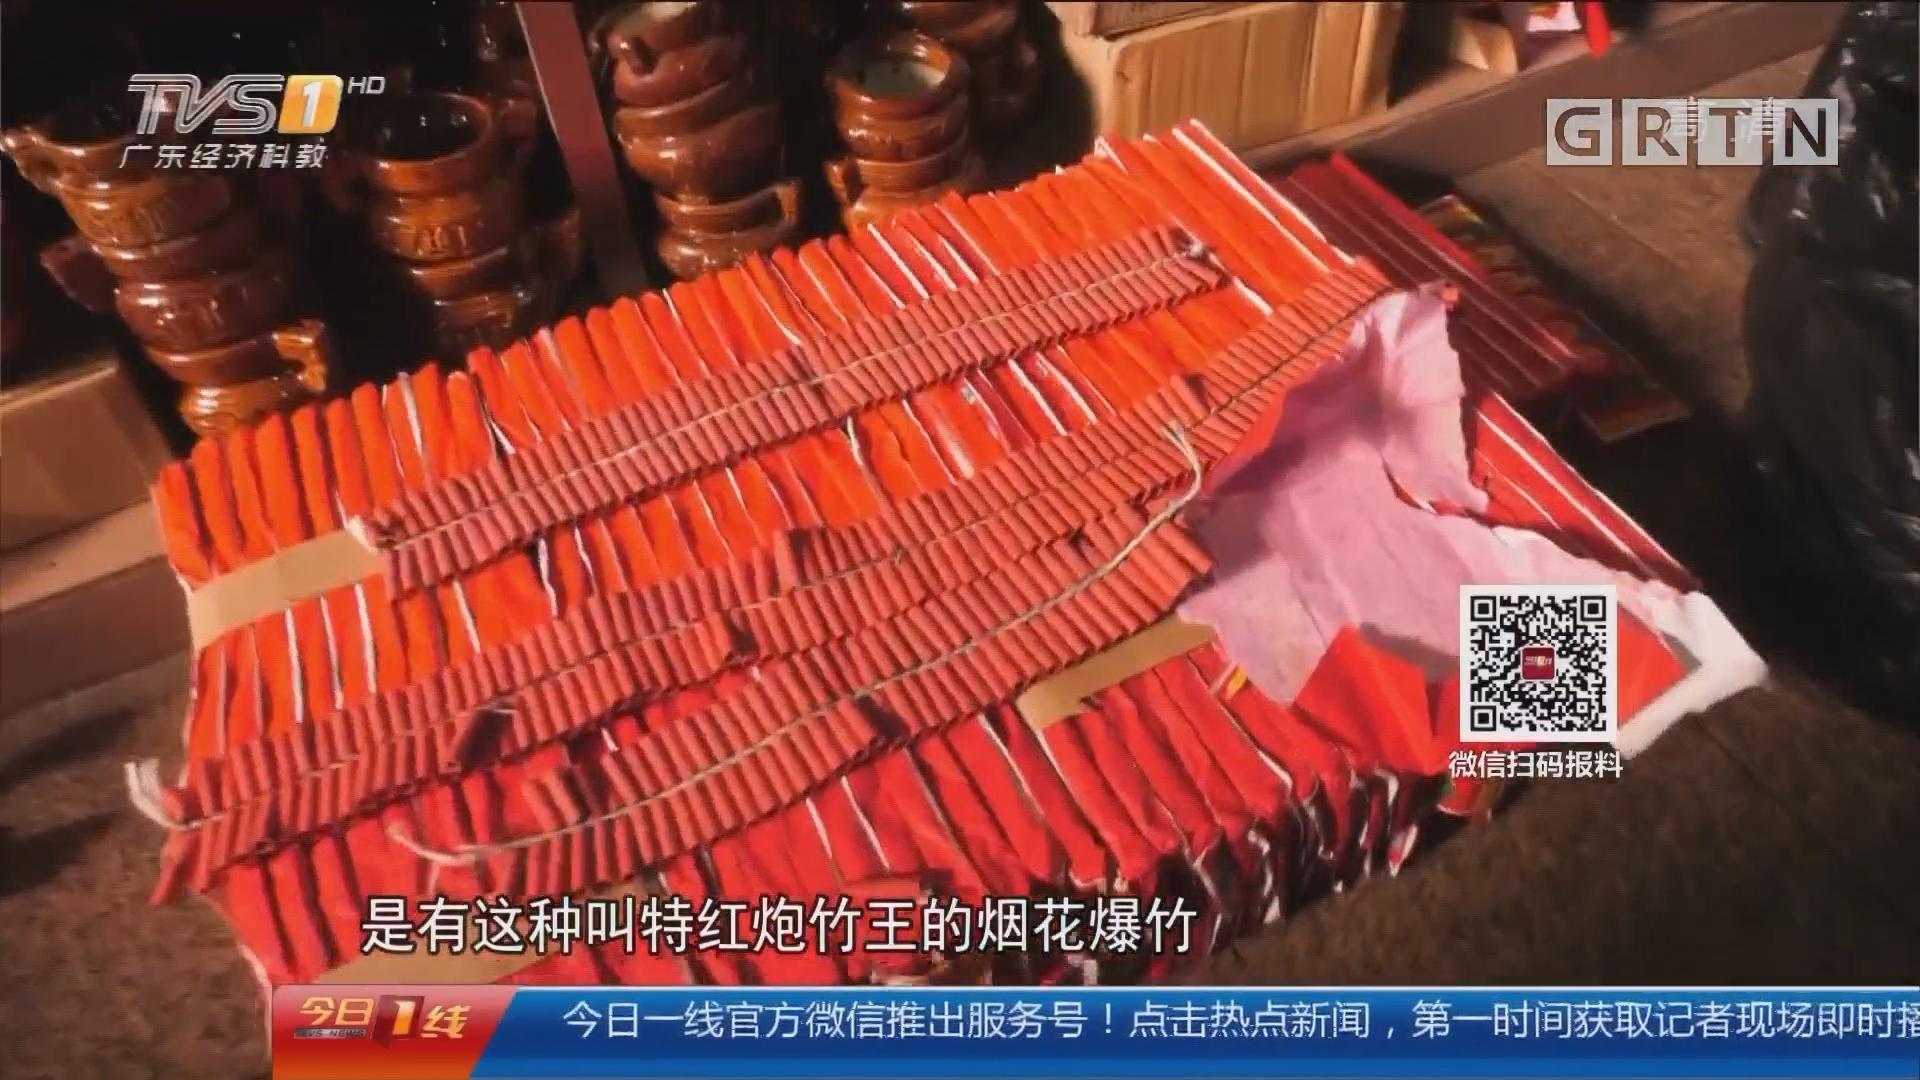 广州:严查烟花爆竹违规销售 7人被调查